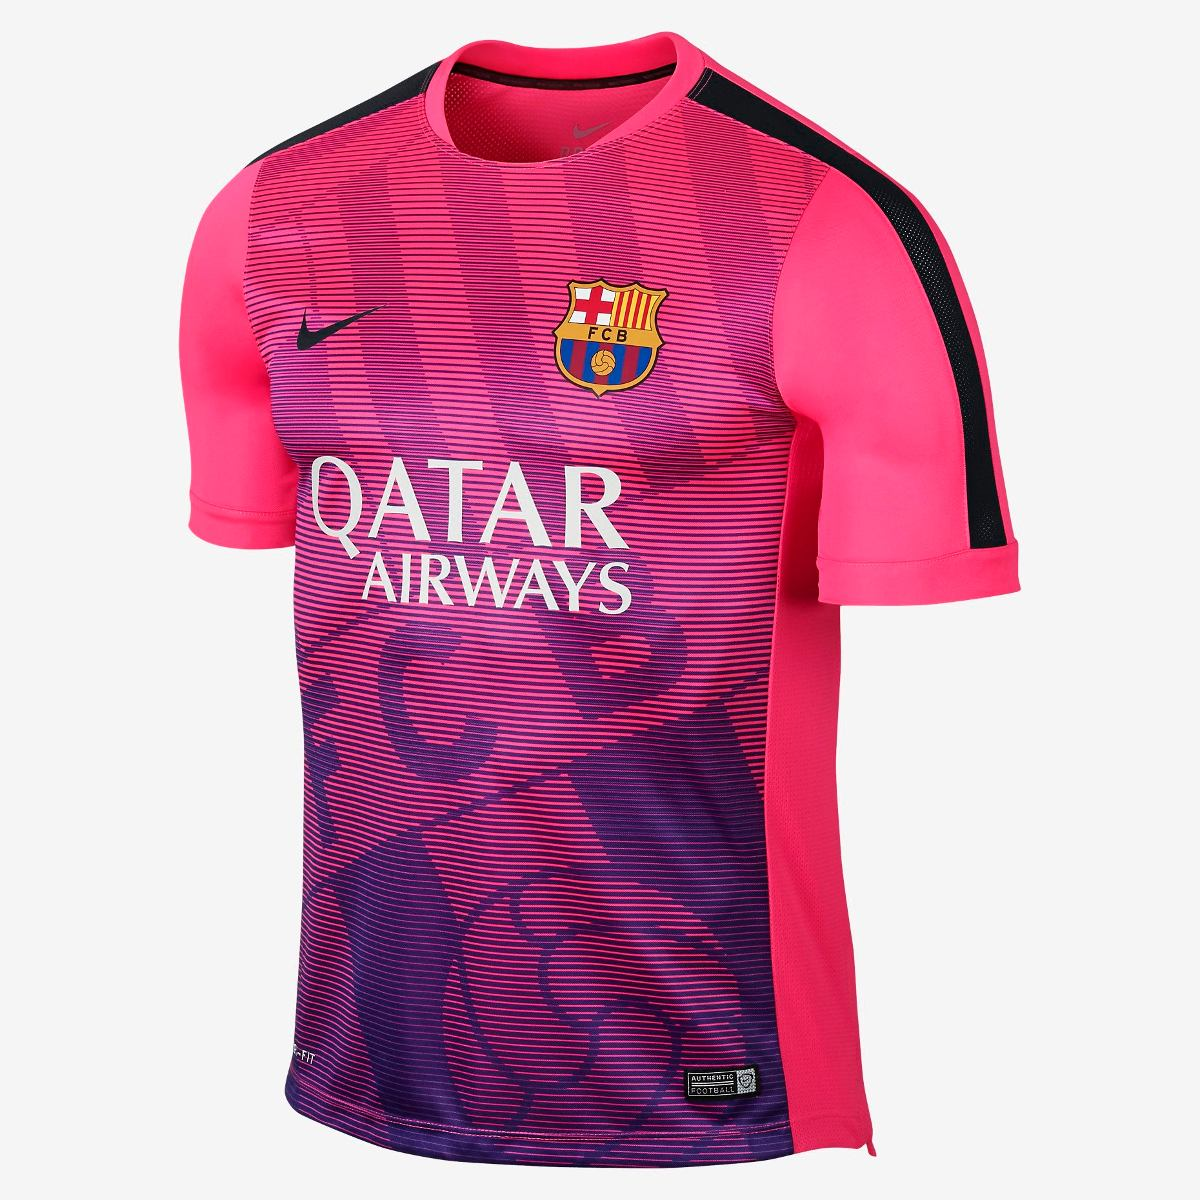 2a7a98759b Camiseta Barcelona Original Nike Squad Pré-jogo Ii - V2mshop - R ...